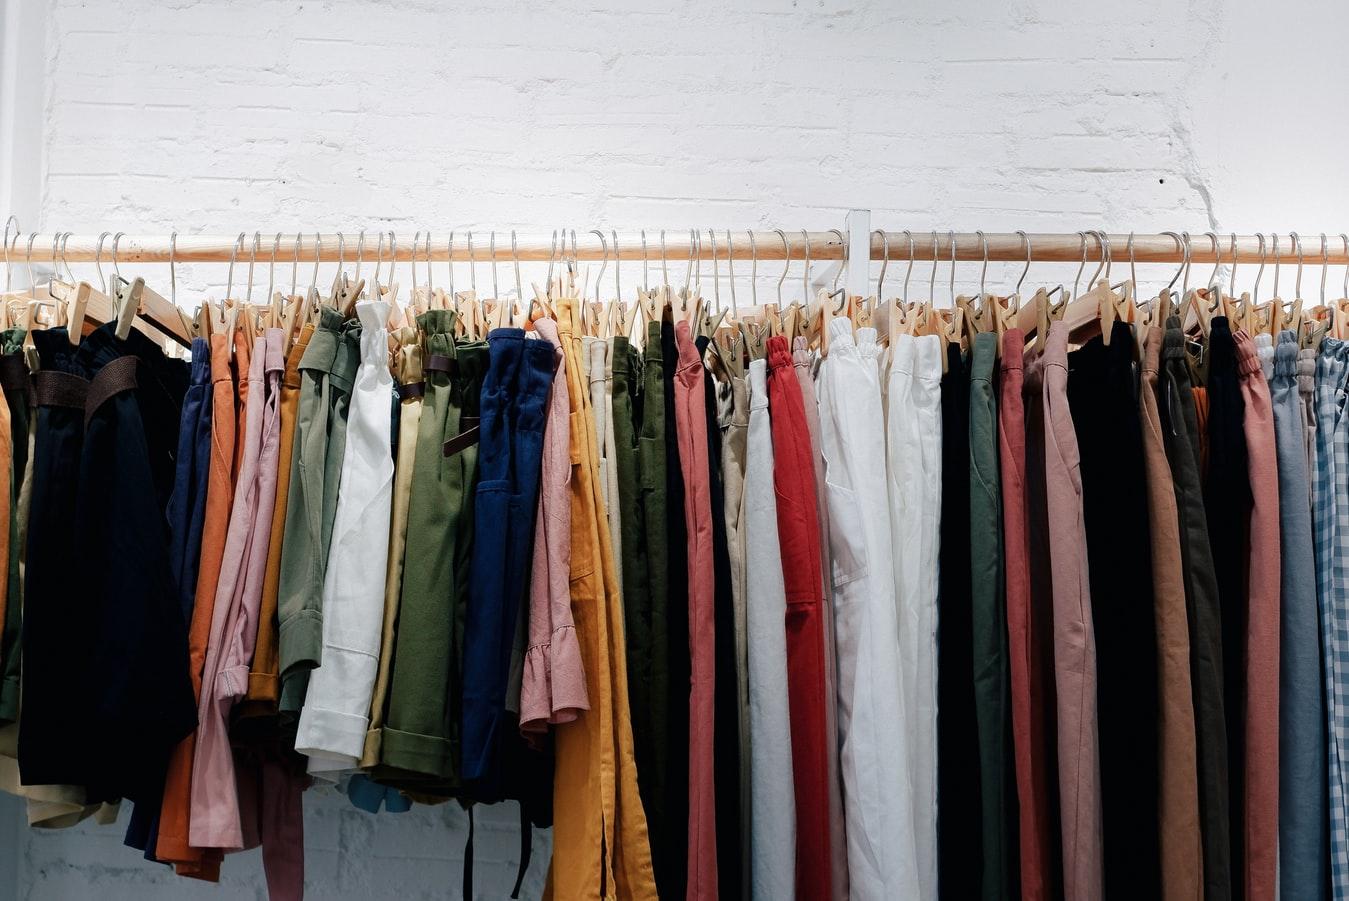 La mode durable: Lutter contre l'impact environnemental de la fast fashion